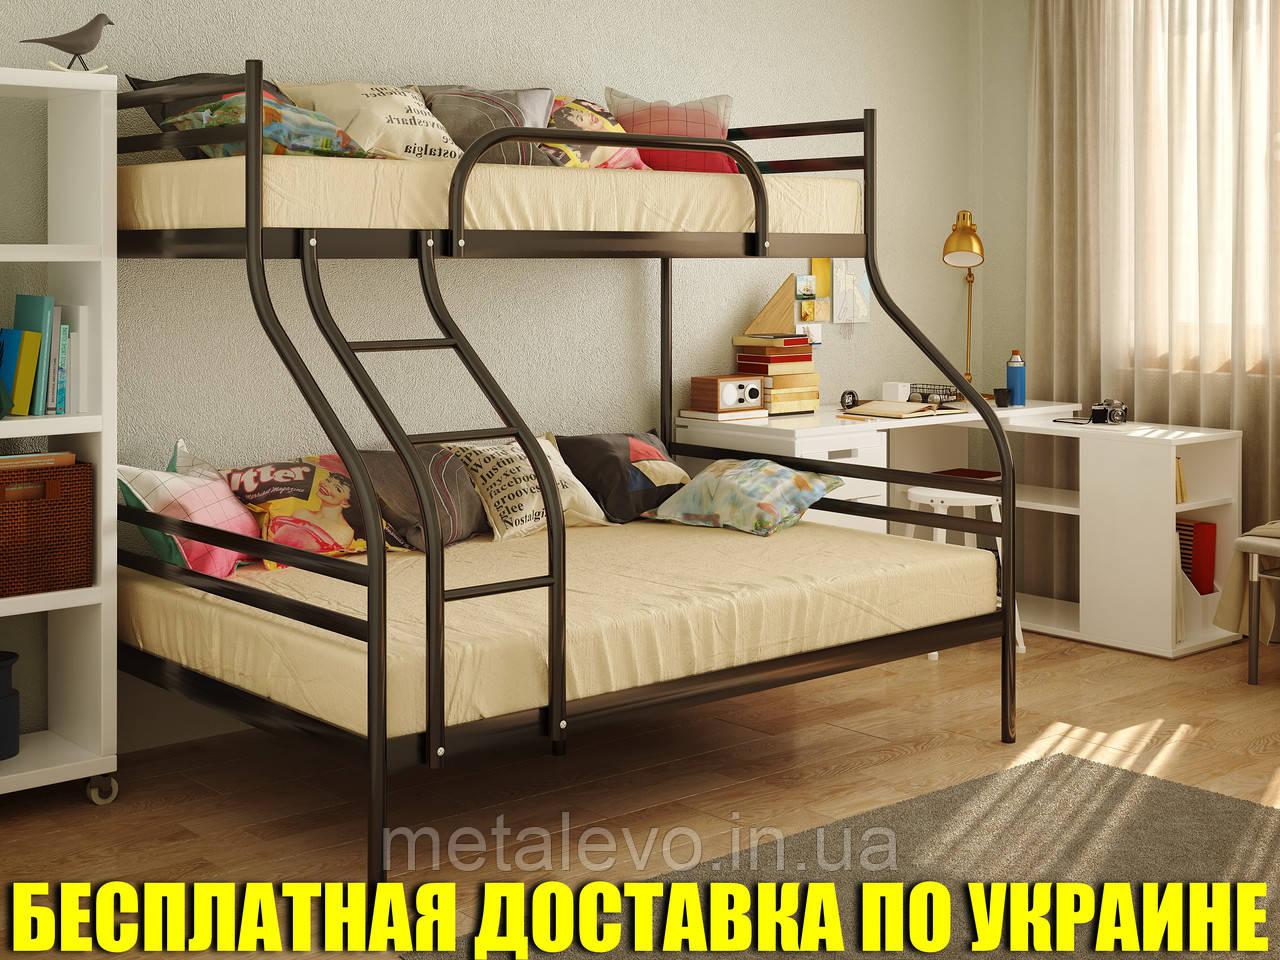 Двухъярусная трехспальная металлическая кровать СМАРТ (SMART)